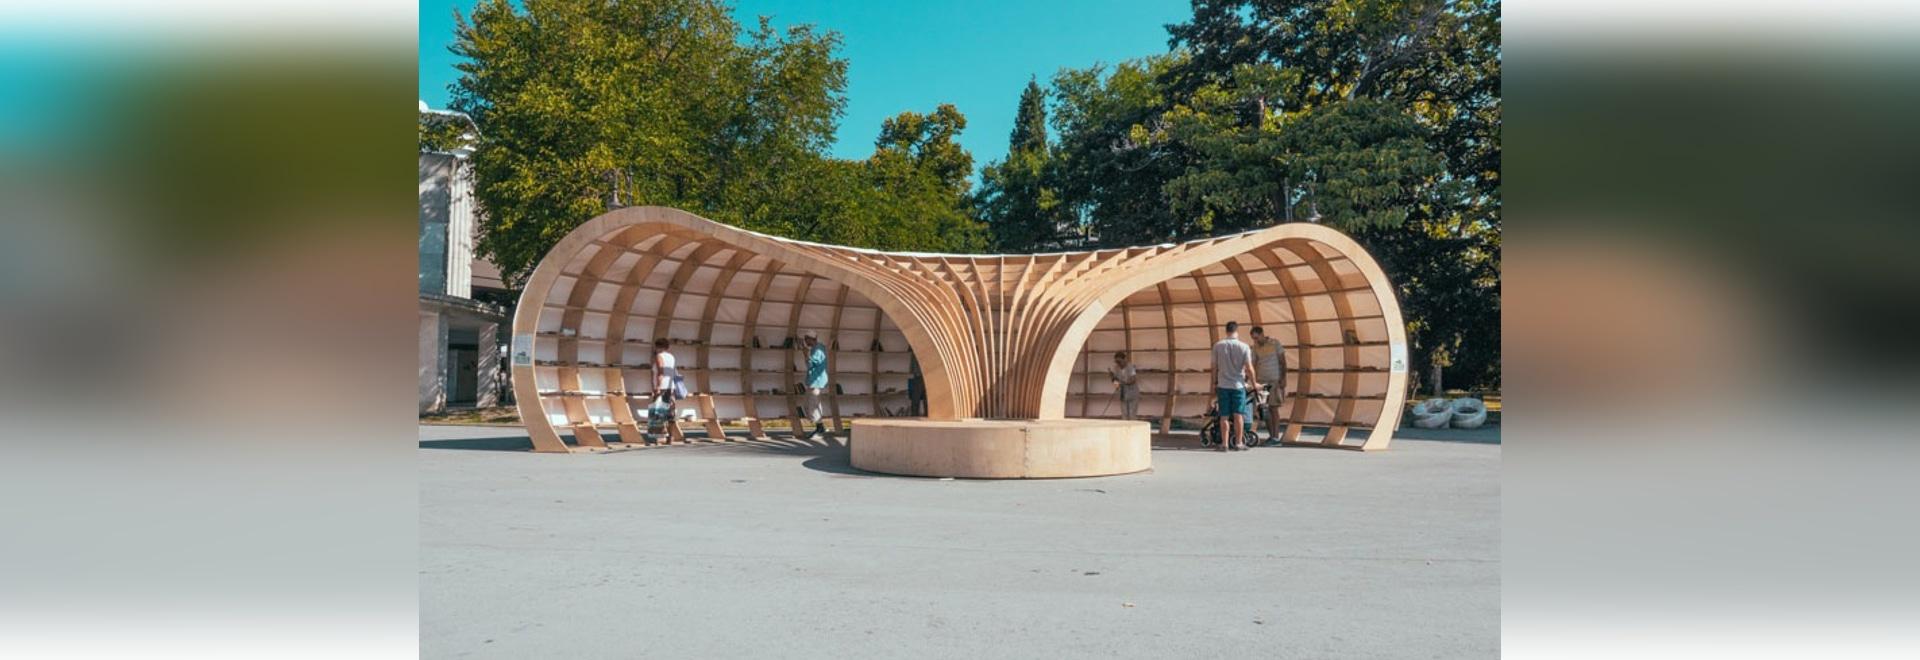 La biblioteca de la calle de Rapana fue diseñada para animar la lectura entre gente joven